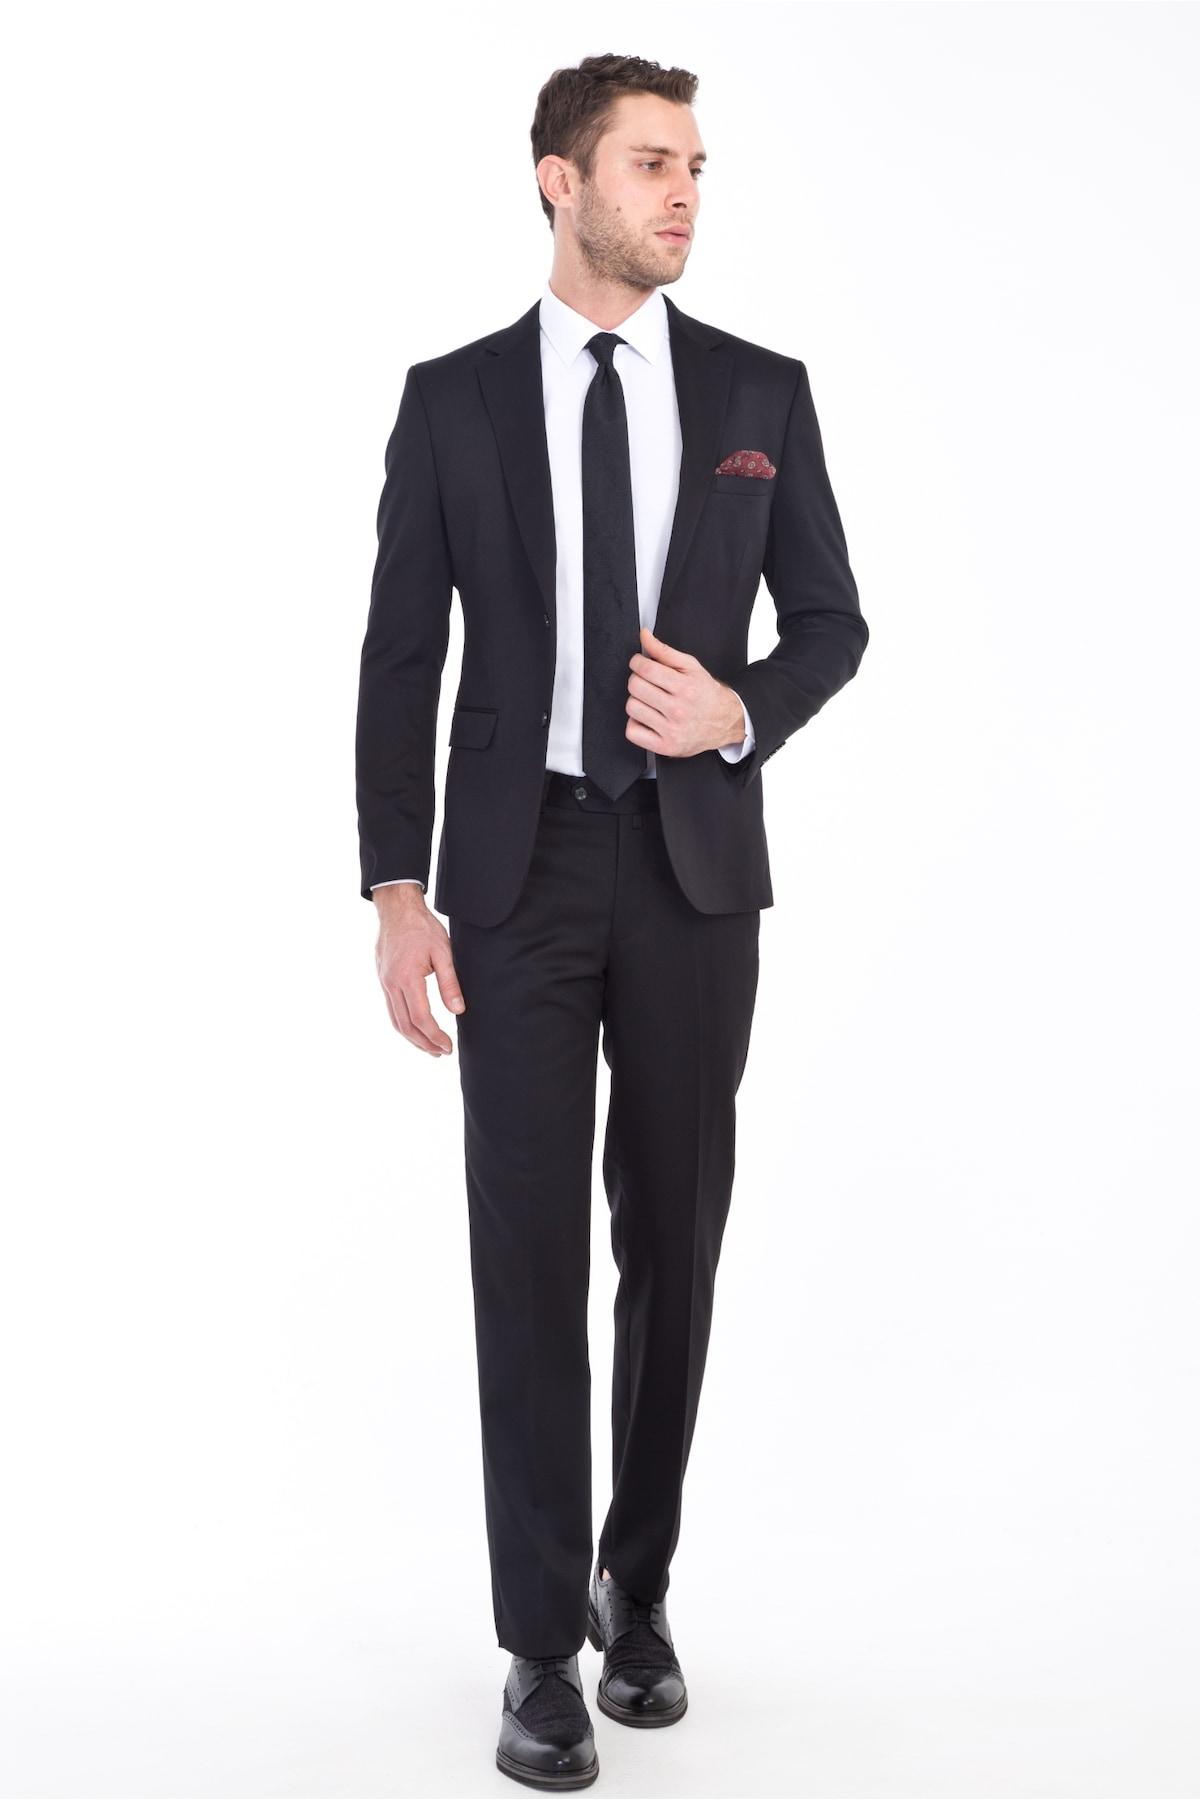 Vücut Tipine Uygun Erkek Takım Elbise Seçimi Nasıl Yapılır?